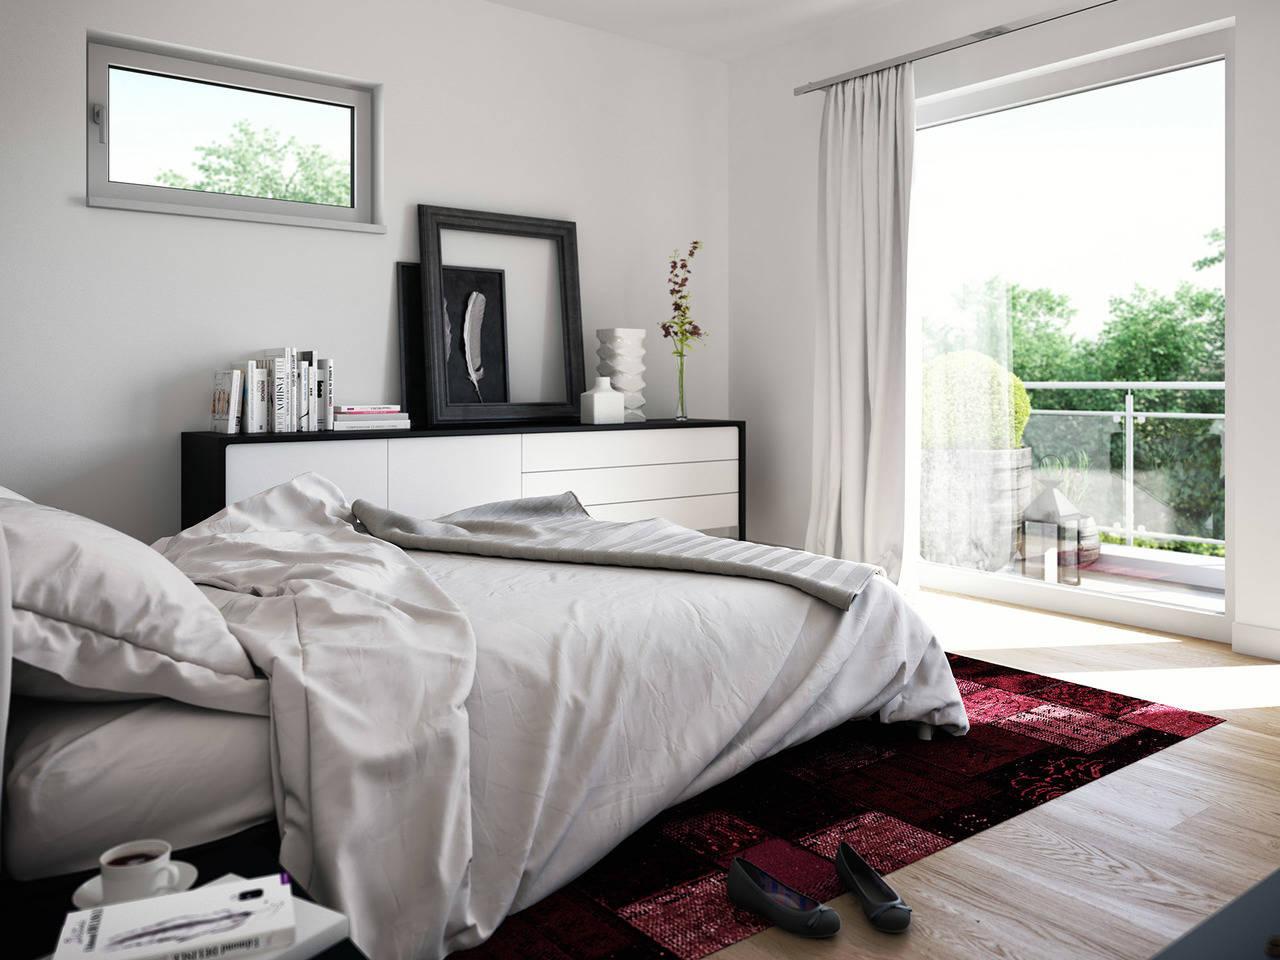 Haus SOLUTION 134 V3 Schlafzimmer von Living Haus